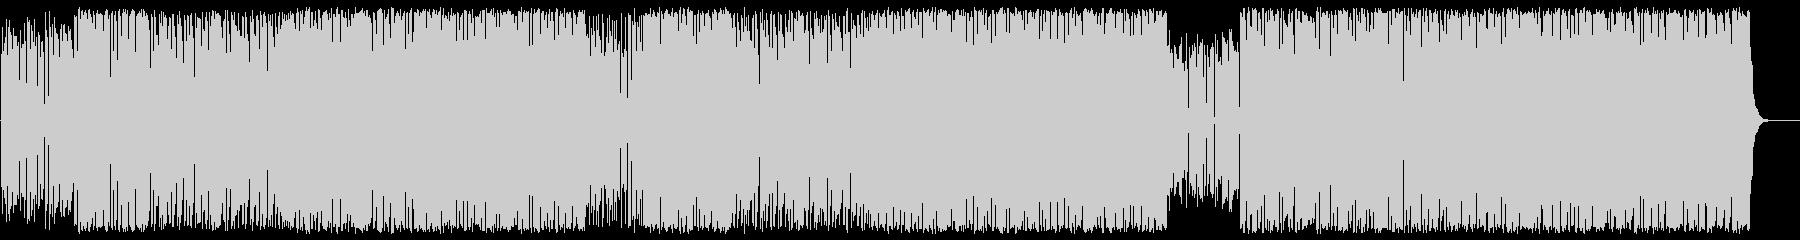 エッジの効いたシンセサイザーの曲の未再生の波形